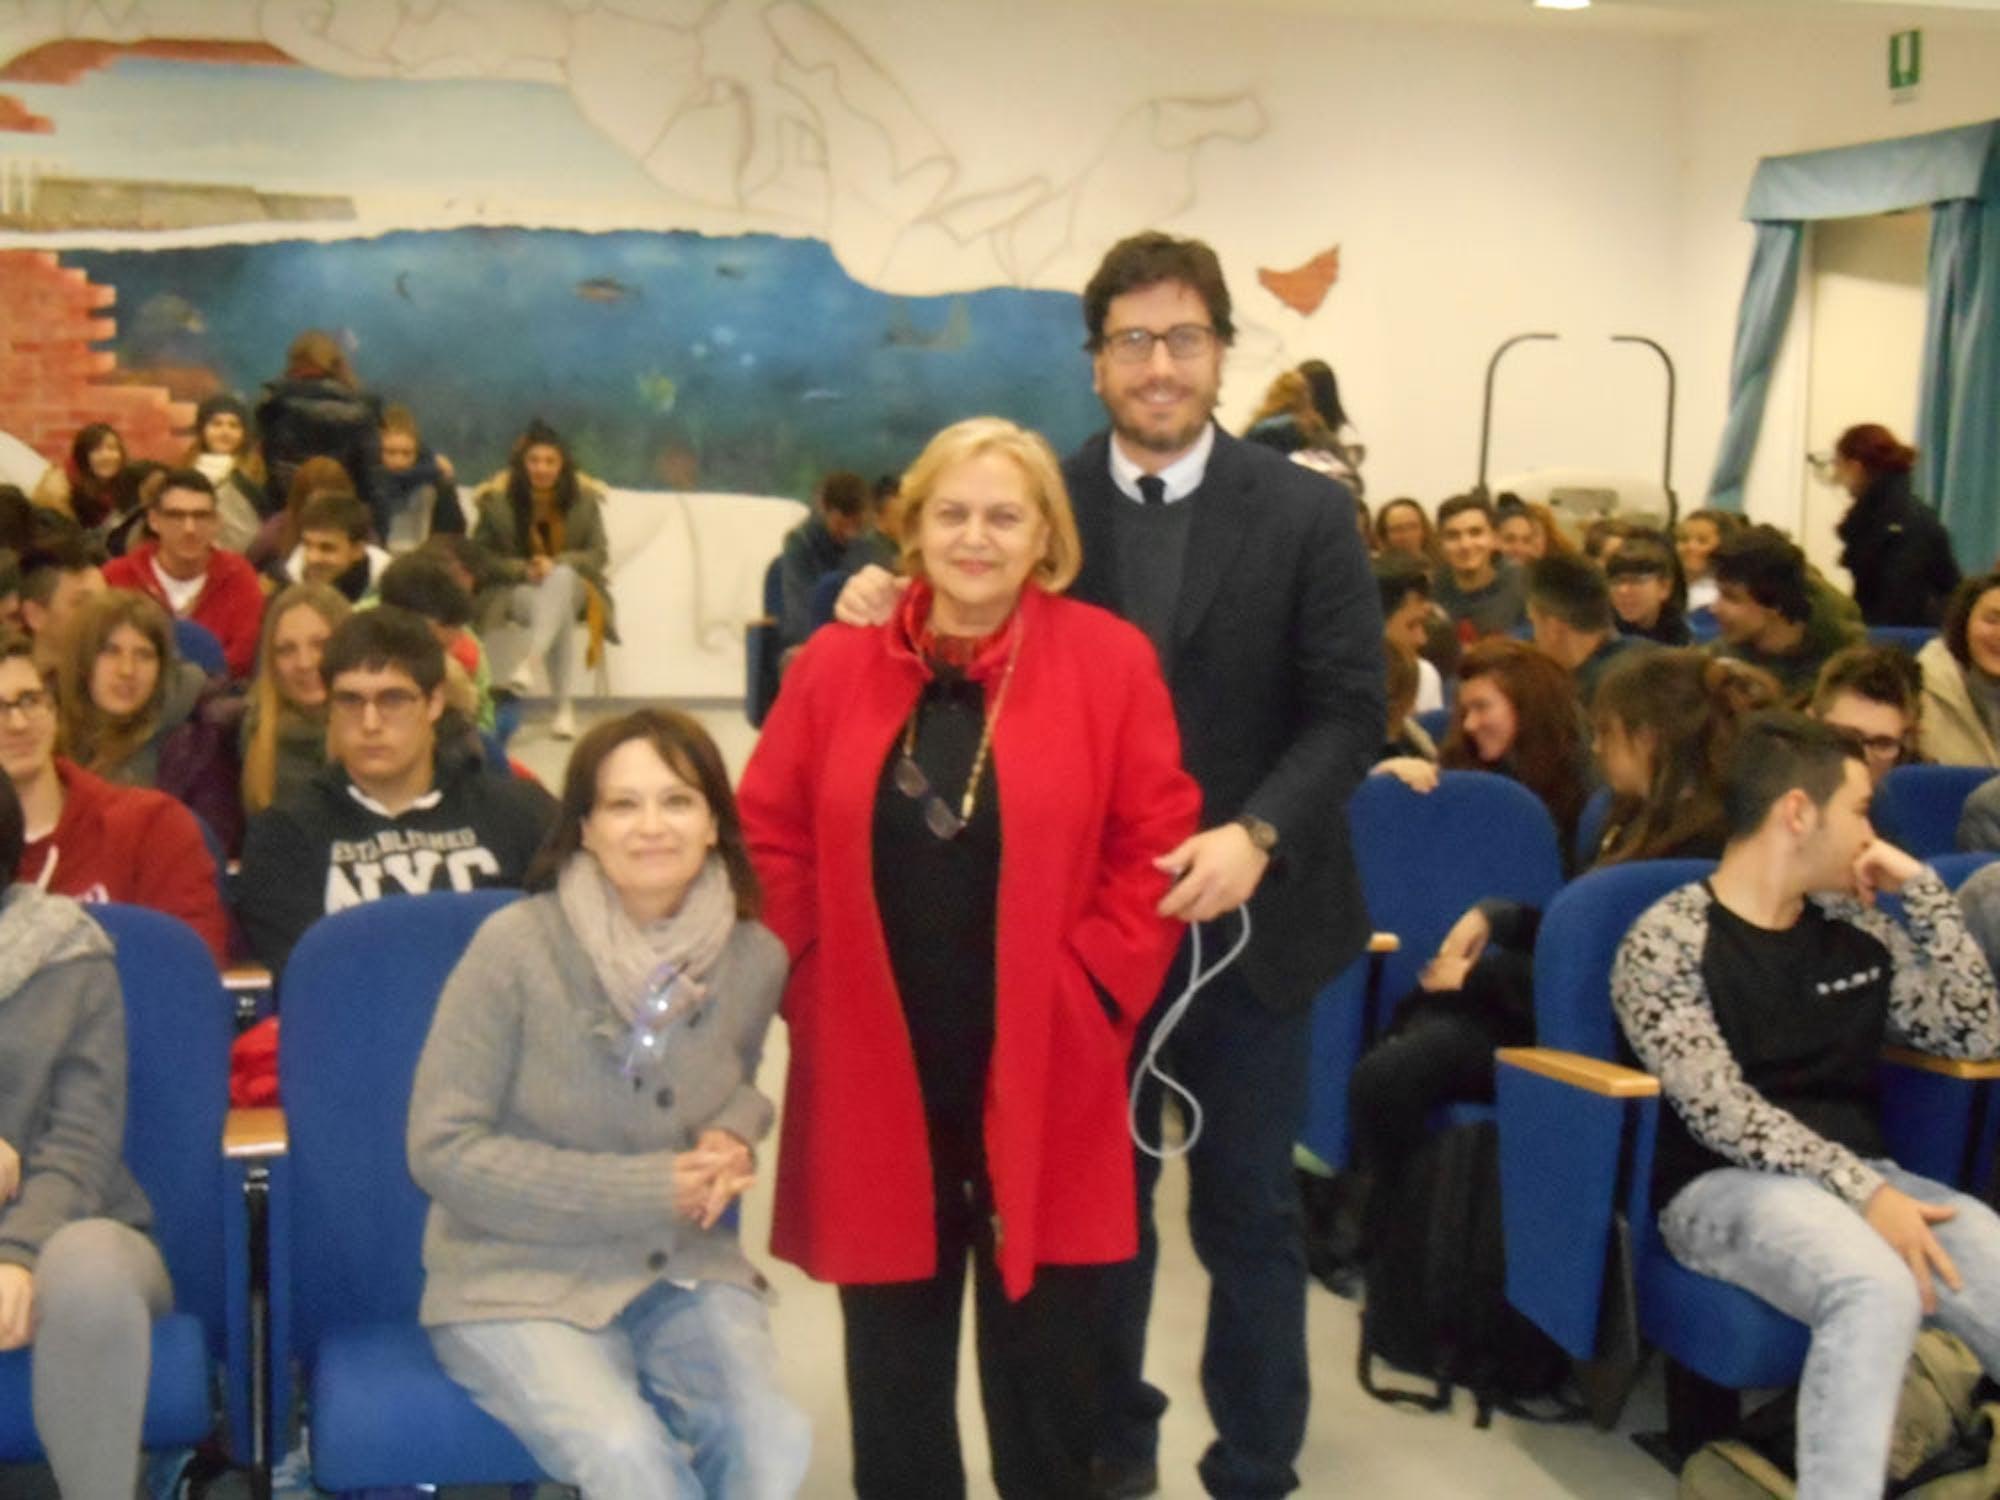 Il portavoce dell'UNICEF incontra gli studenti di Civitavecchia